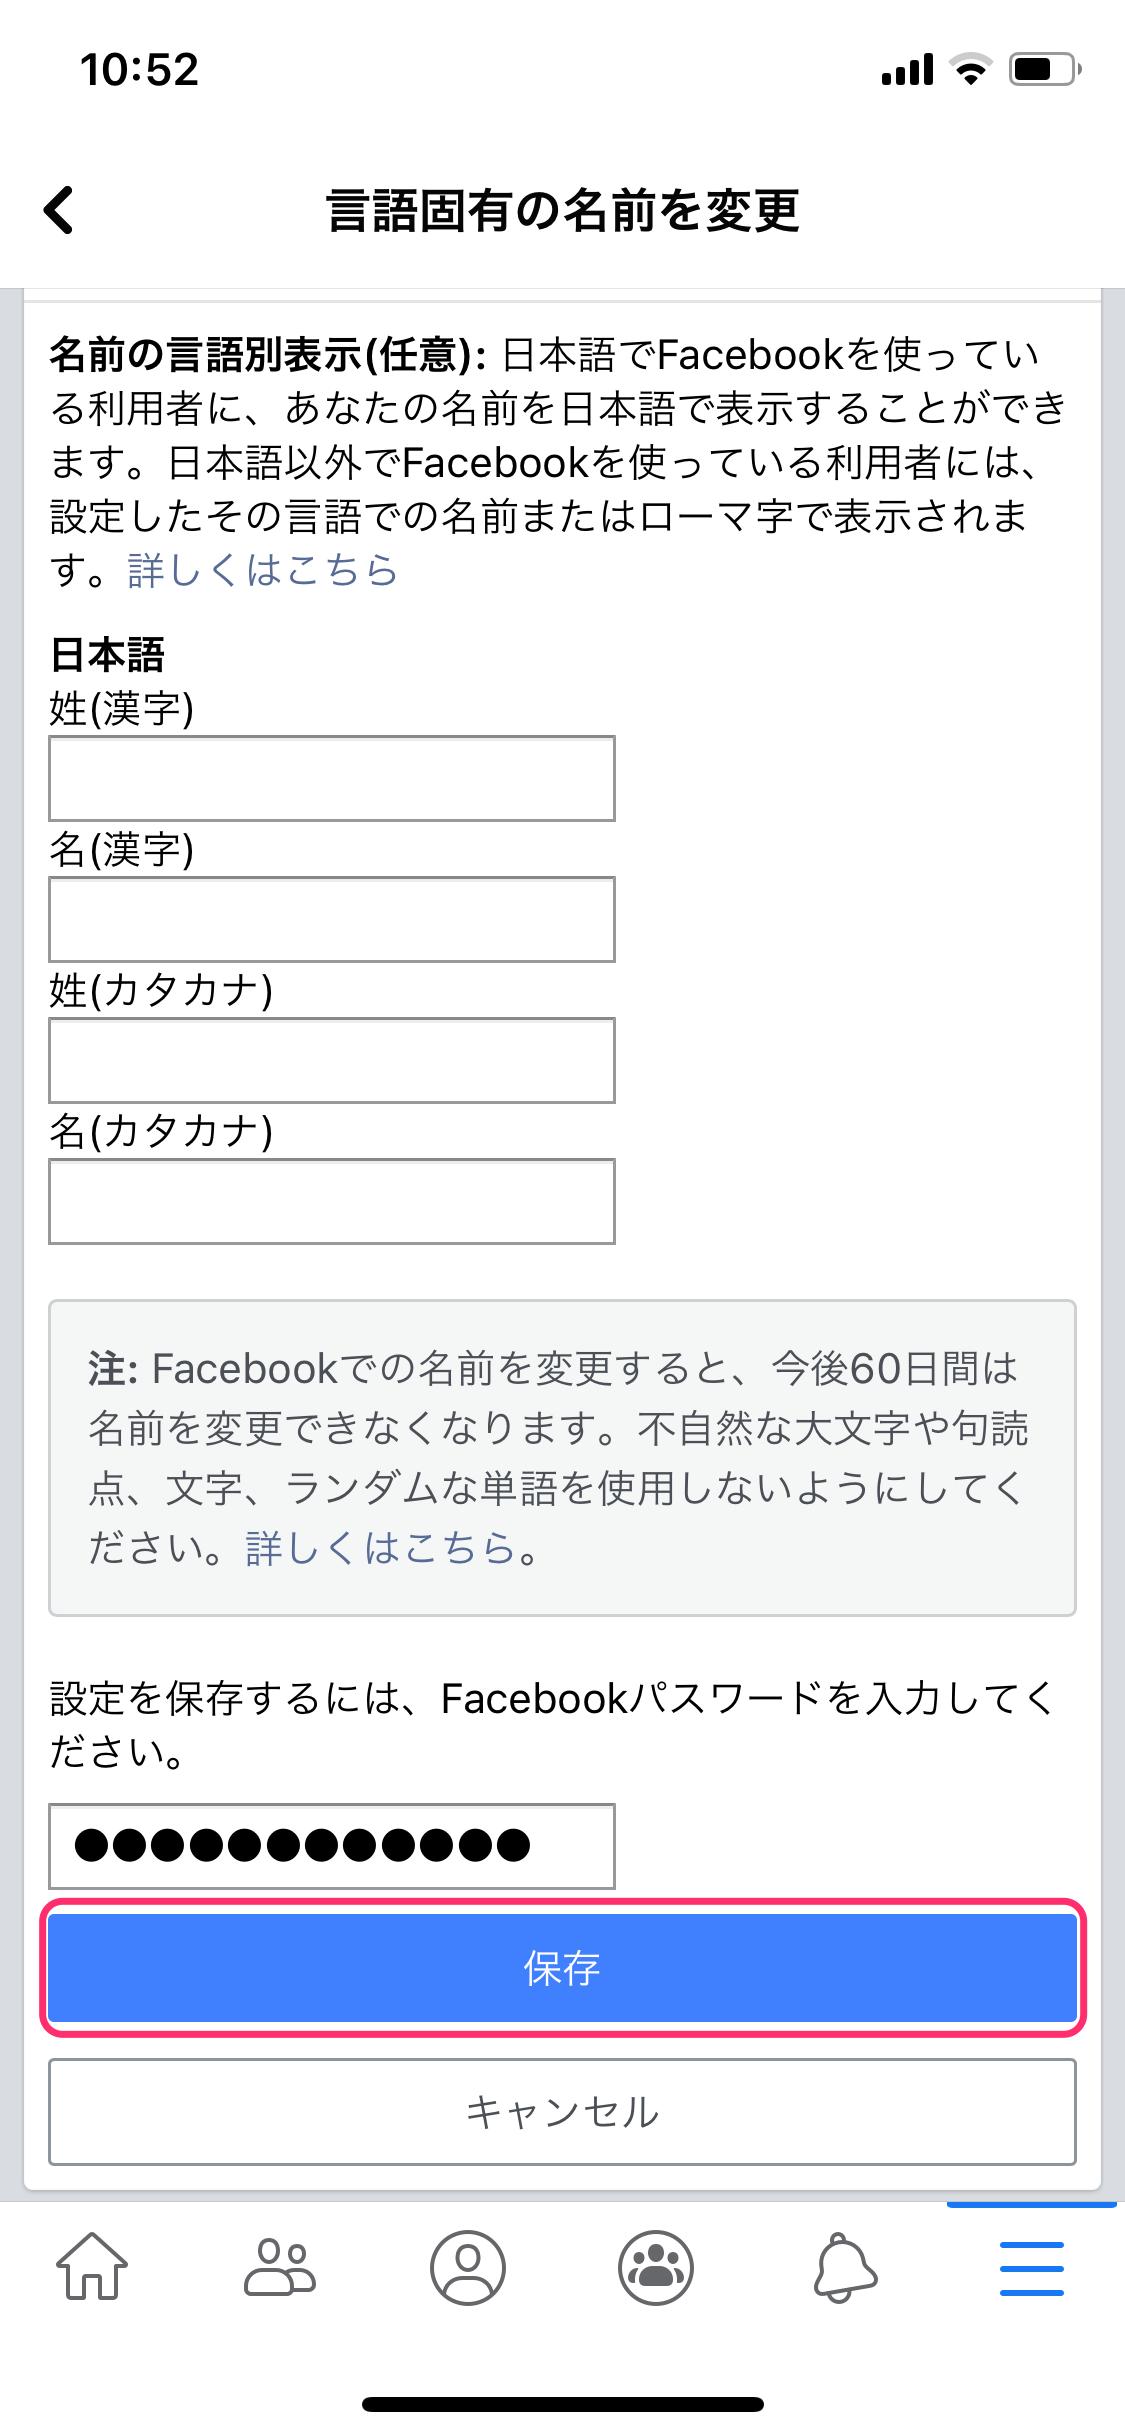 Facebook 名前変更 確認